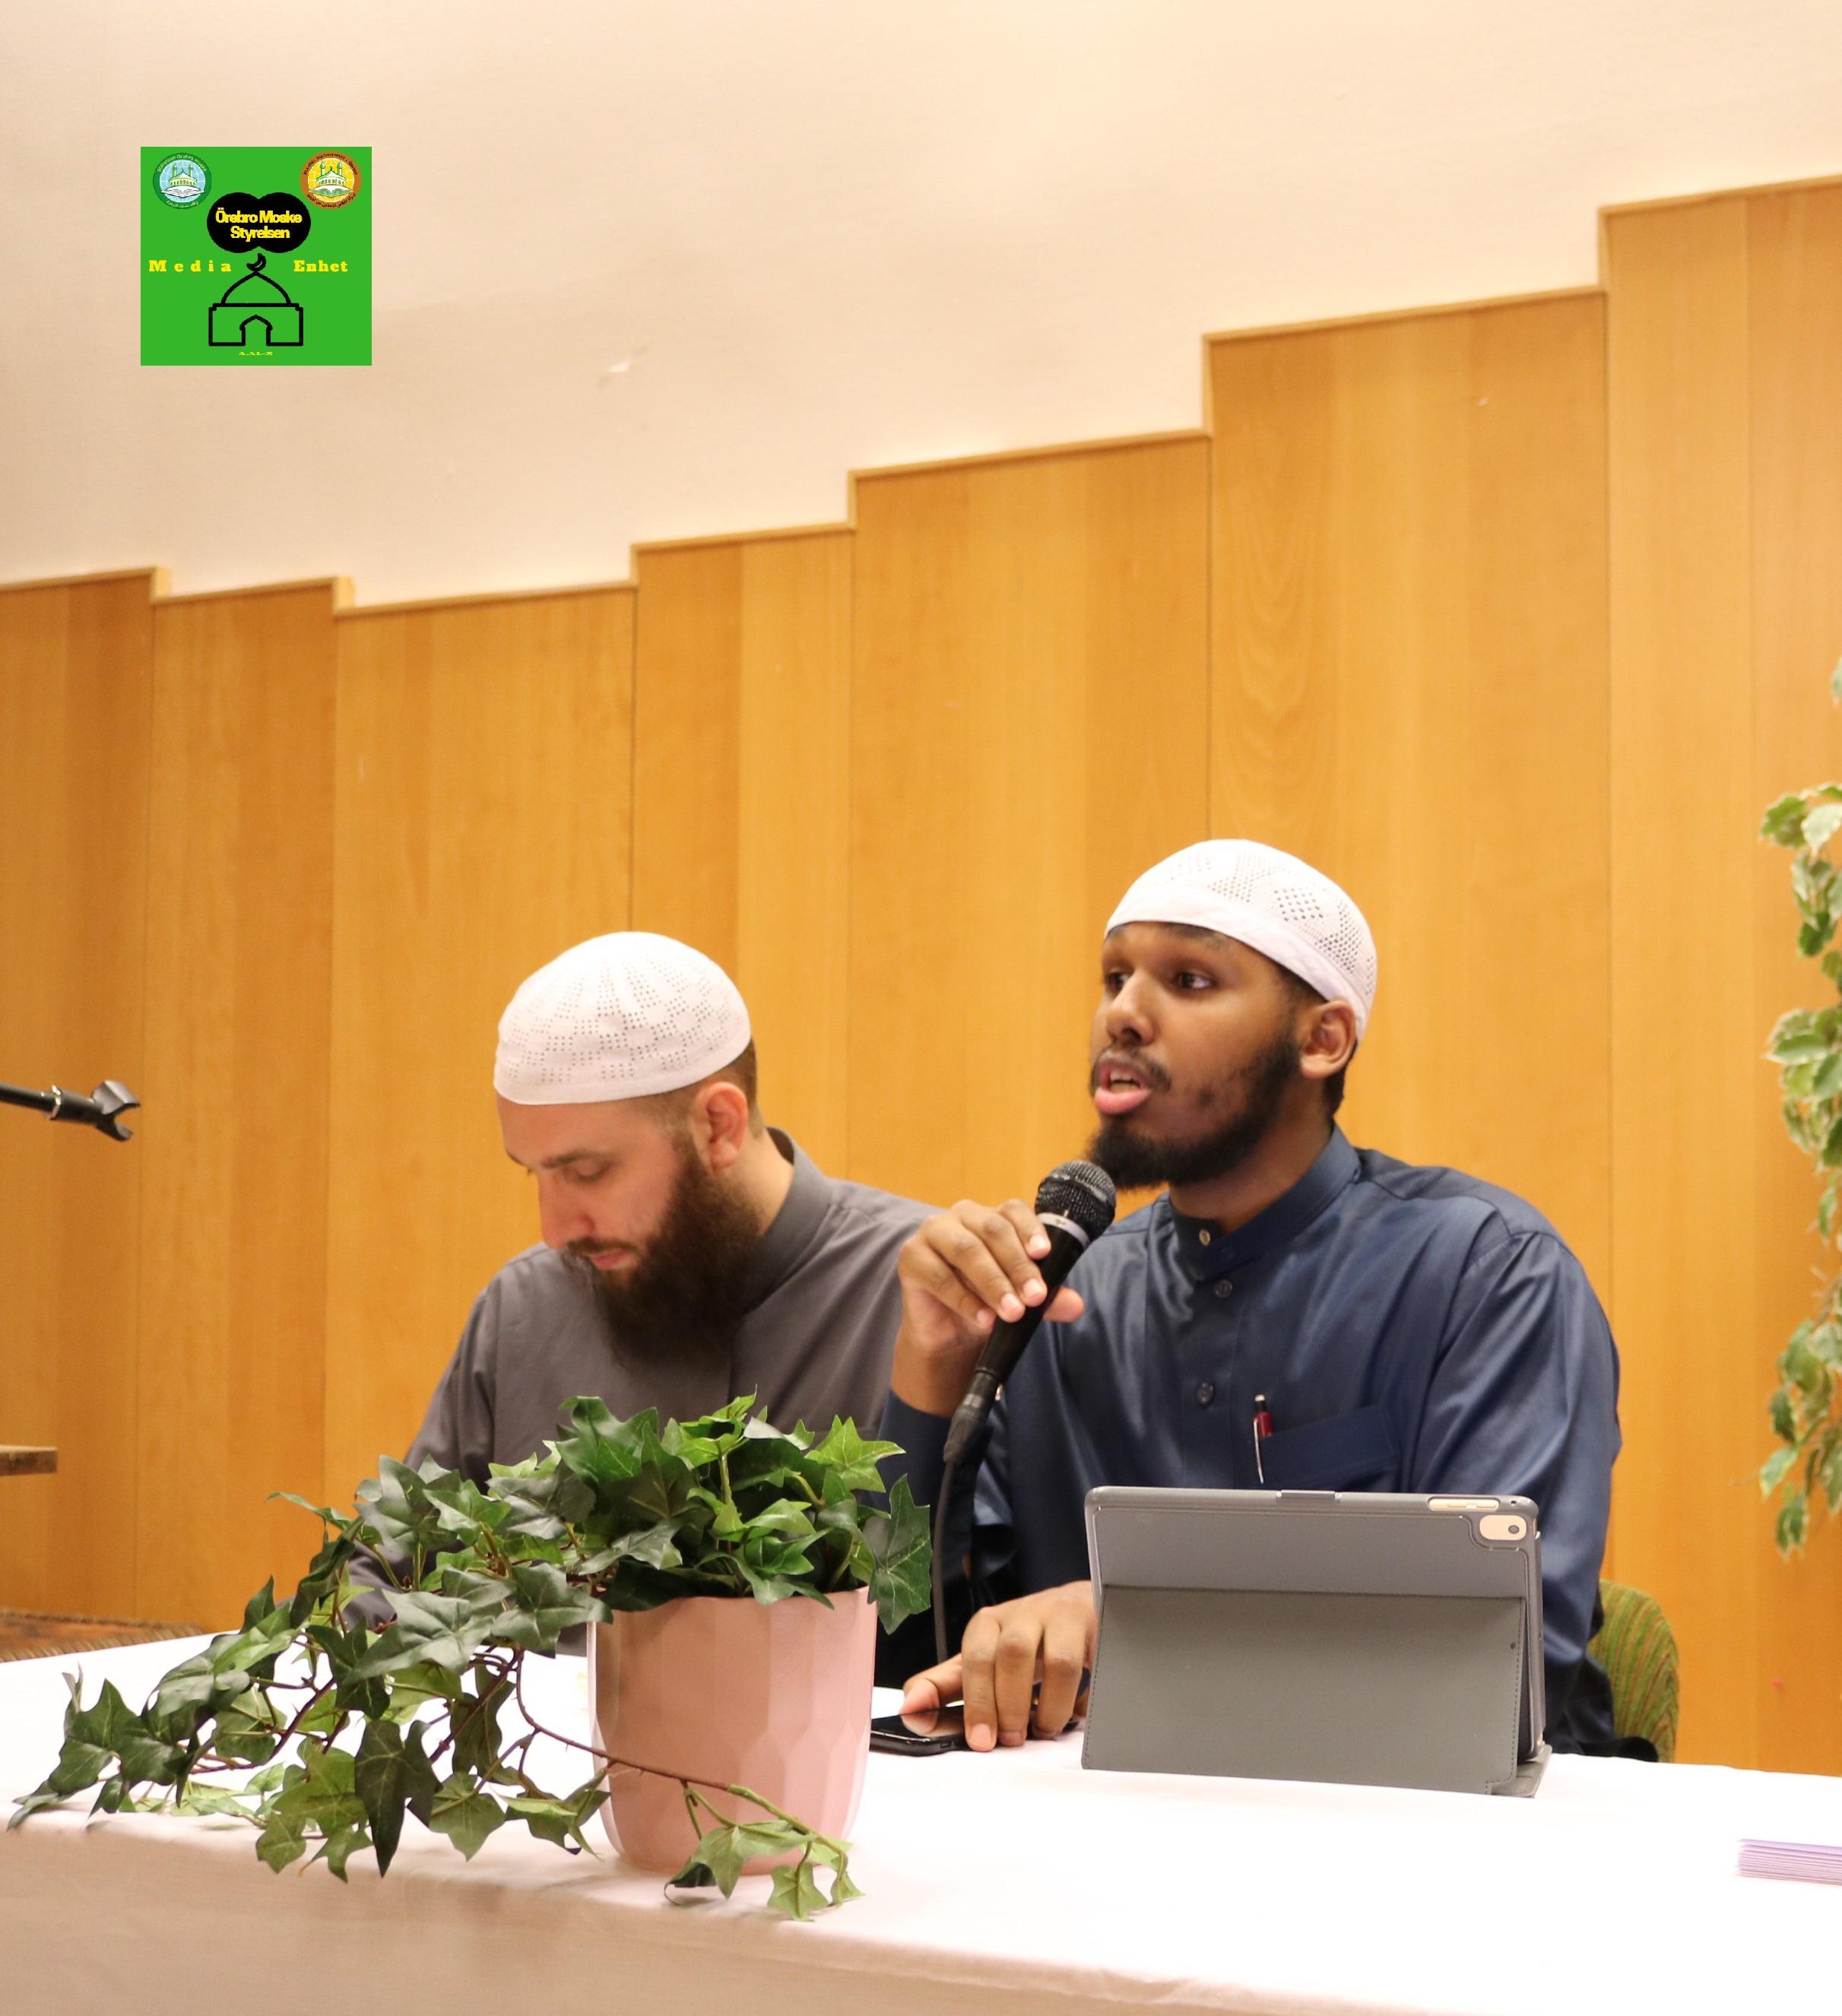 Avslutningsfest: Tredje Allmänna Studiecirkel 2018-07-22 Föreläsare Shikh Sadiq Al-Somali *************************** FILMED ON LOCATION *************************** Orebro Mosque - Örebro Moske - مسجد اوربرو Sweden – Sverge - السويد *************************** Gäster: Shikh Abdulla Al-Swidi Shikh Sadiq Al-Somali Shikh Sabri Al-Jabarti ******************************************* DIRECTED BY ********************************* A.Al-N ********************************* Effected Video (Facebook) ********************************* Örebro moské älskare - Orebro mosque lovers - محبي مسجد اوربرو (Facebook) ******************************************* Effected Video (YouTube) http://www.youtube.com/channel/UCSEb-ibpdTXYFwLsCf8E3Aw ******************************************* Baghdad forever (YouTube) http://www.youtube.com/user/baghdadiforeveri